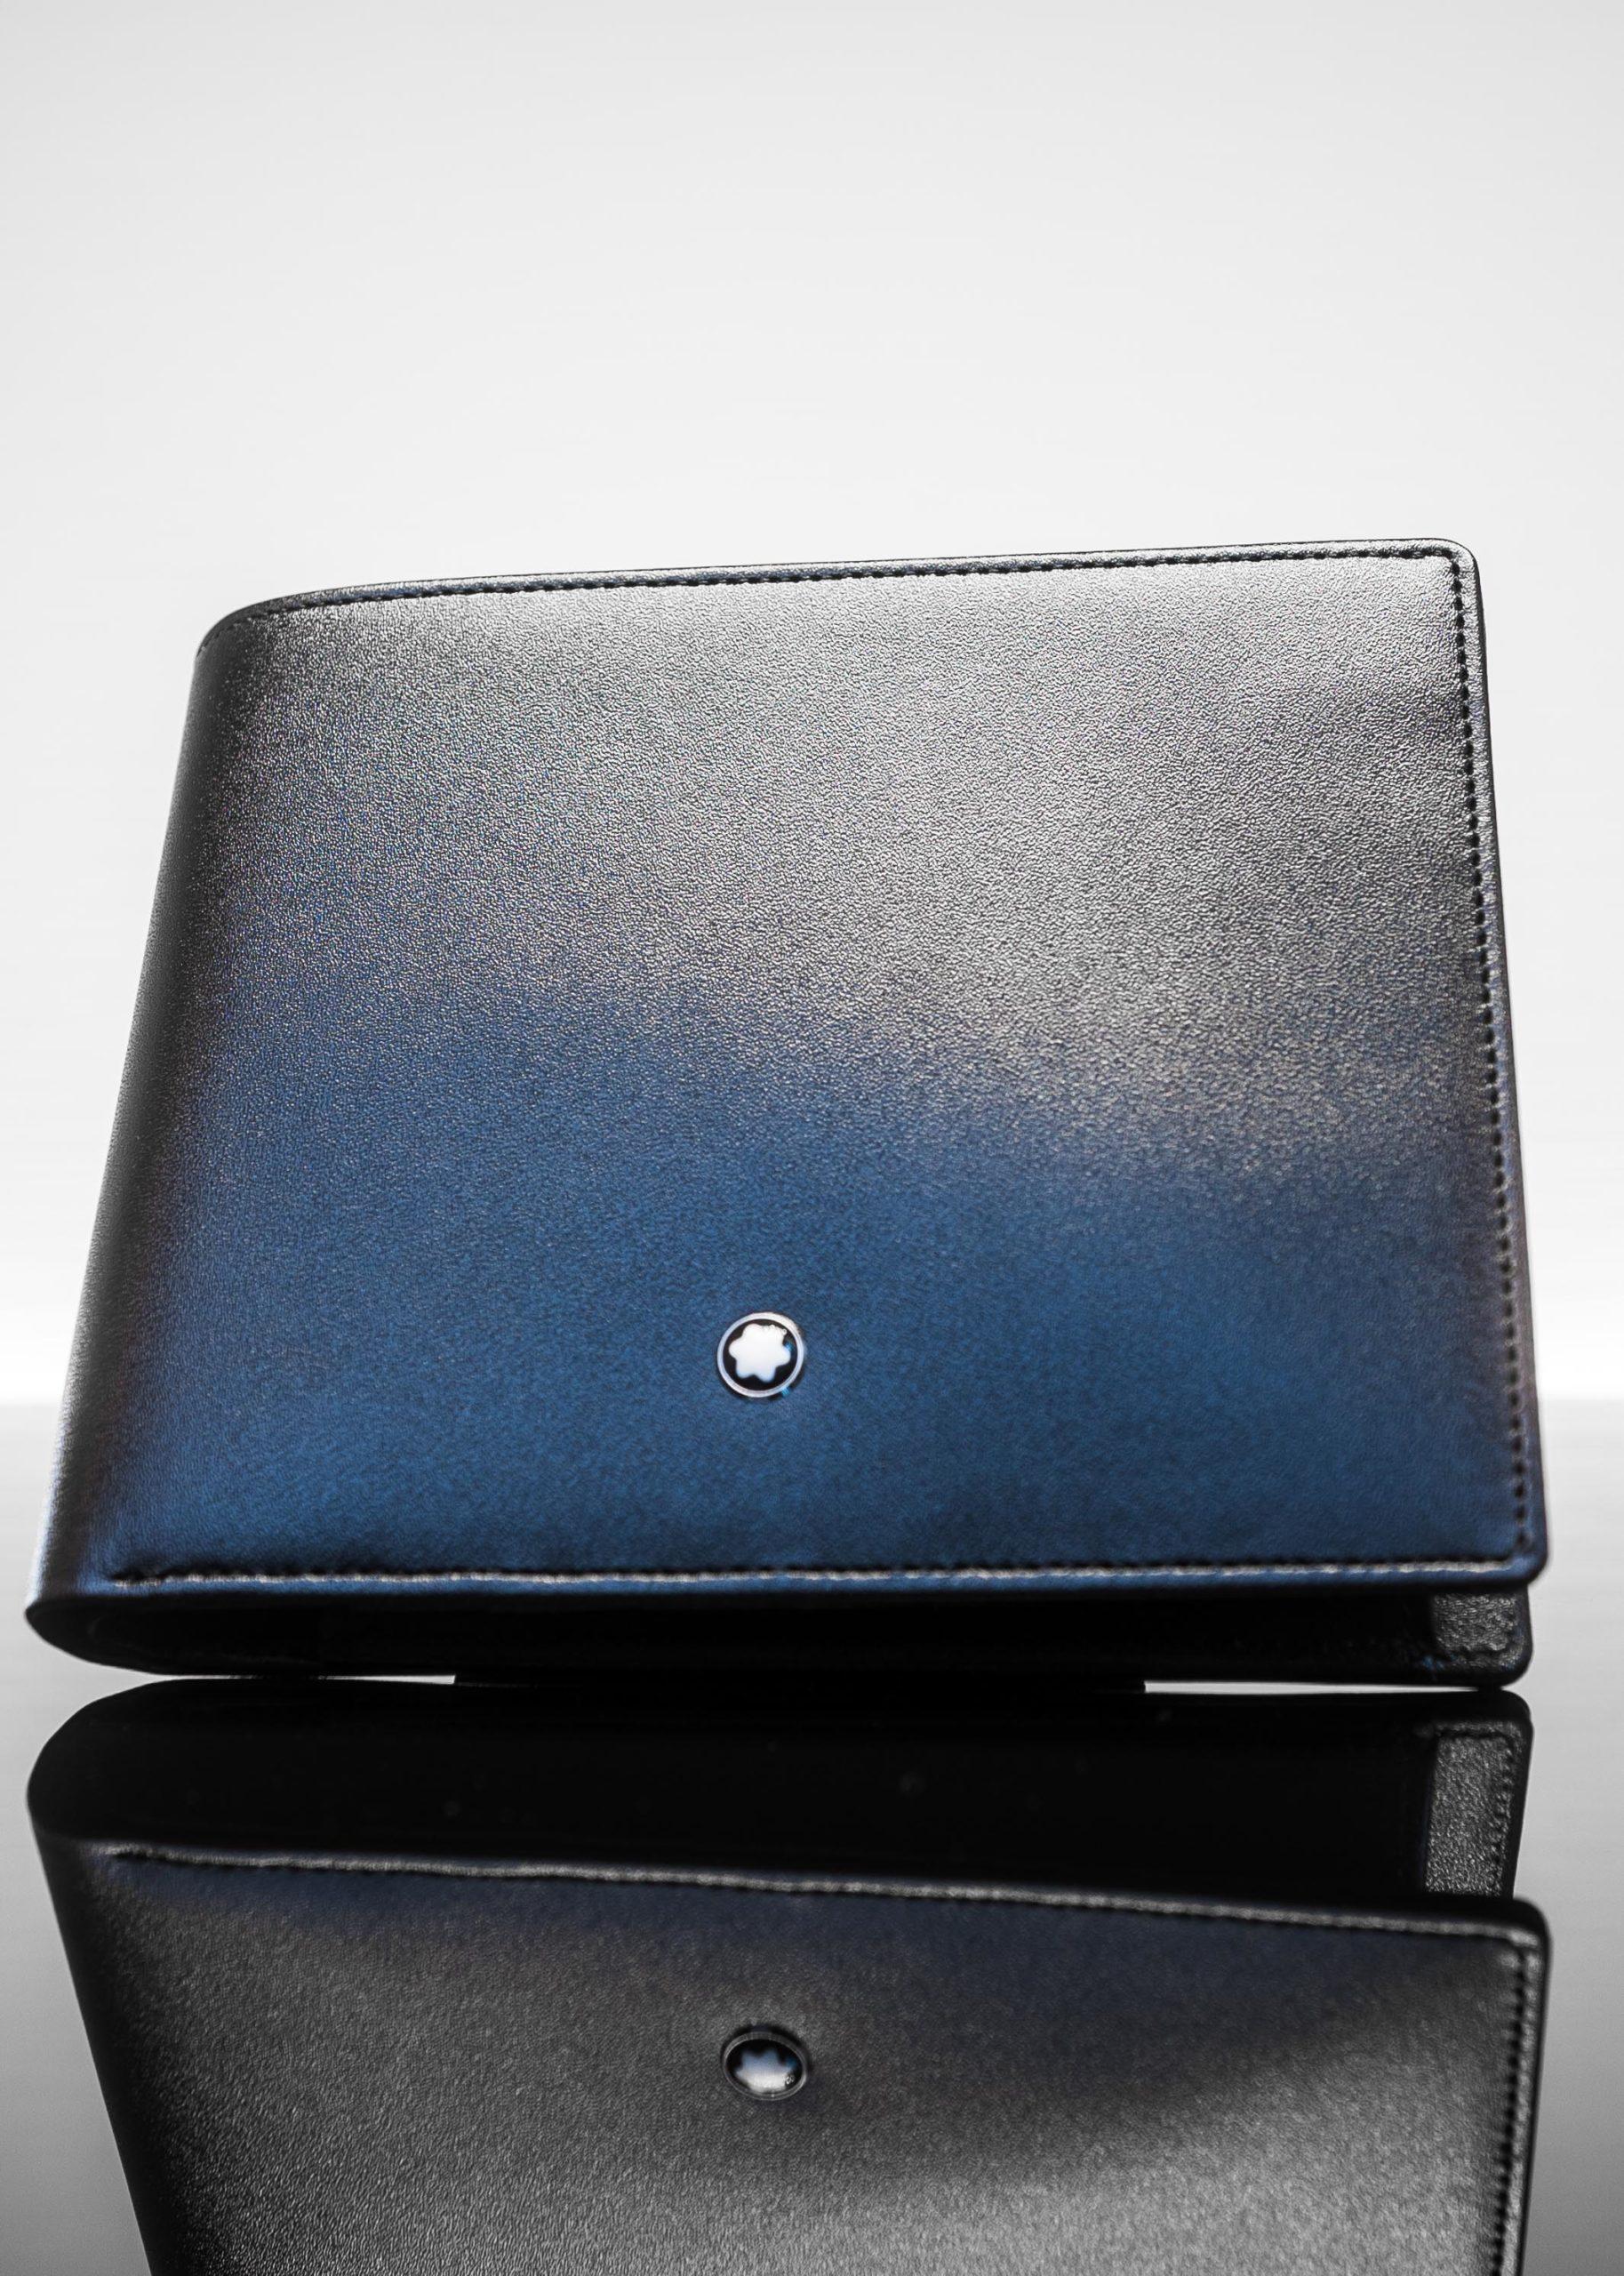 Montblanc Große Brieftasche 5 Cc